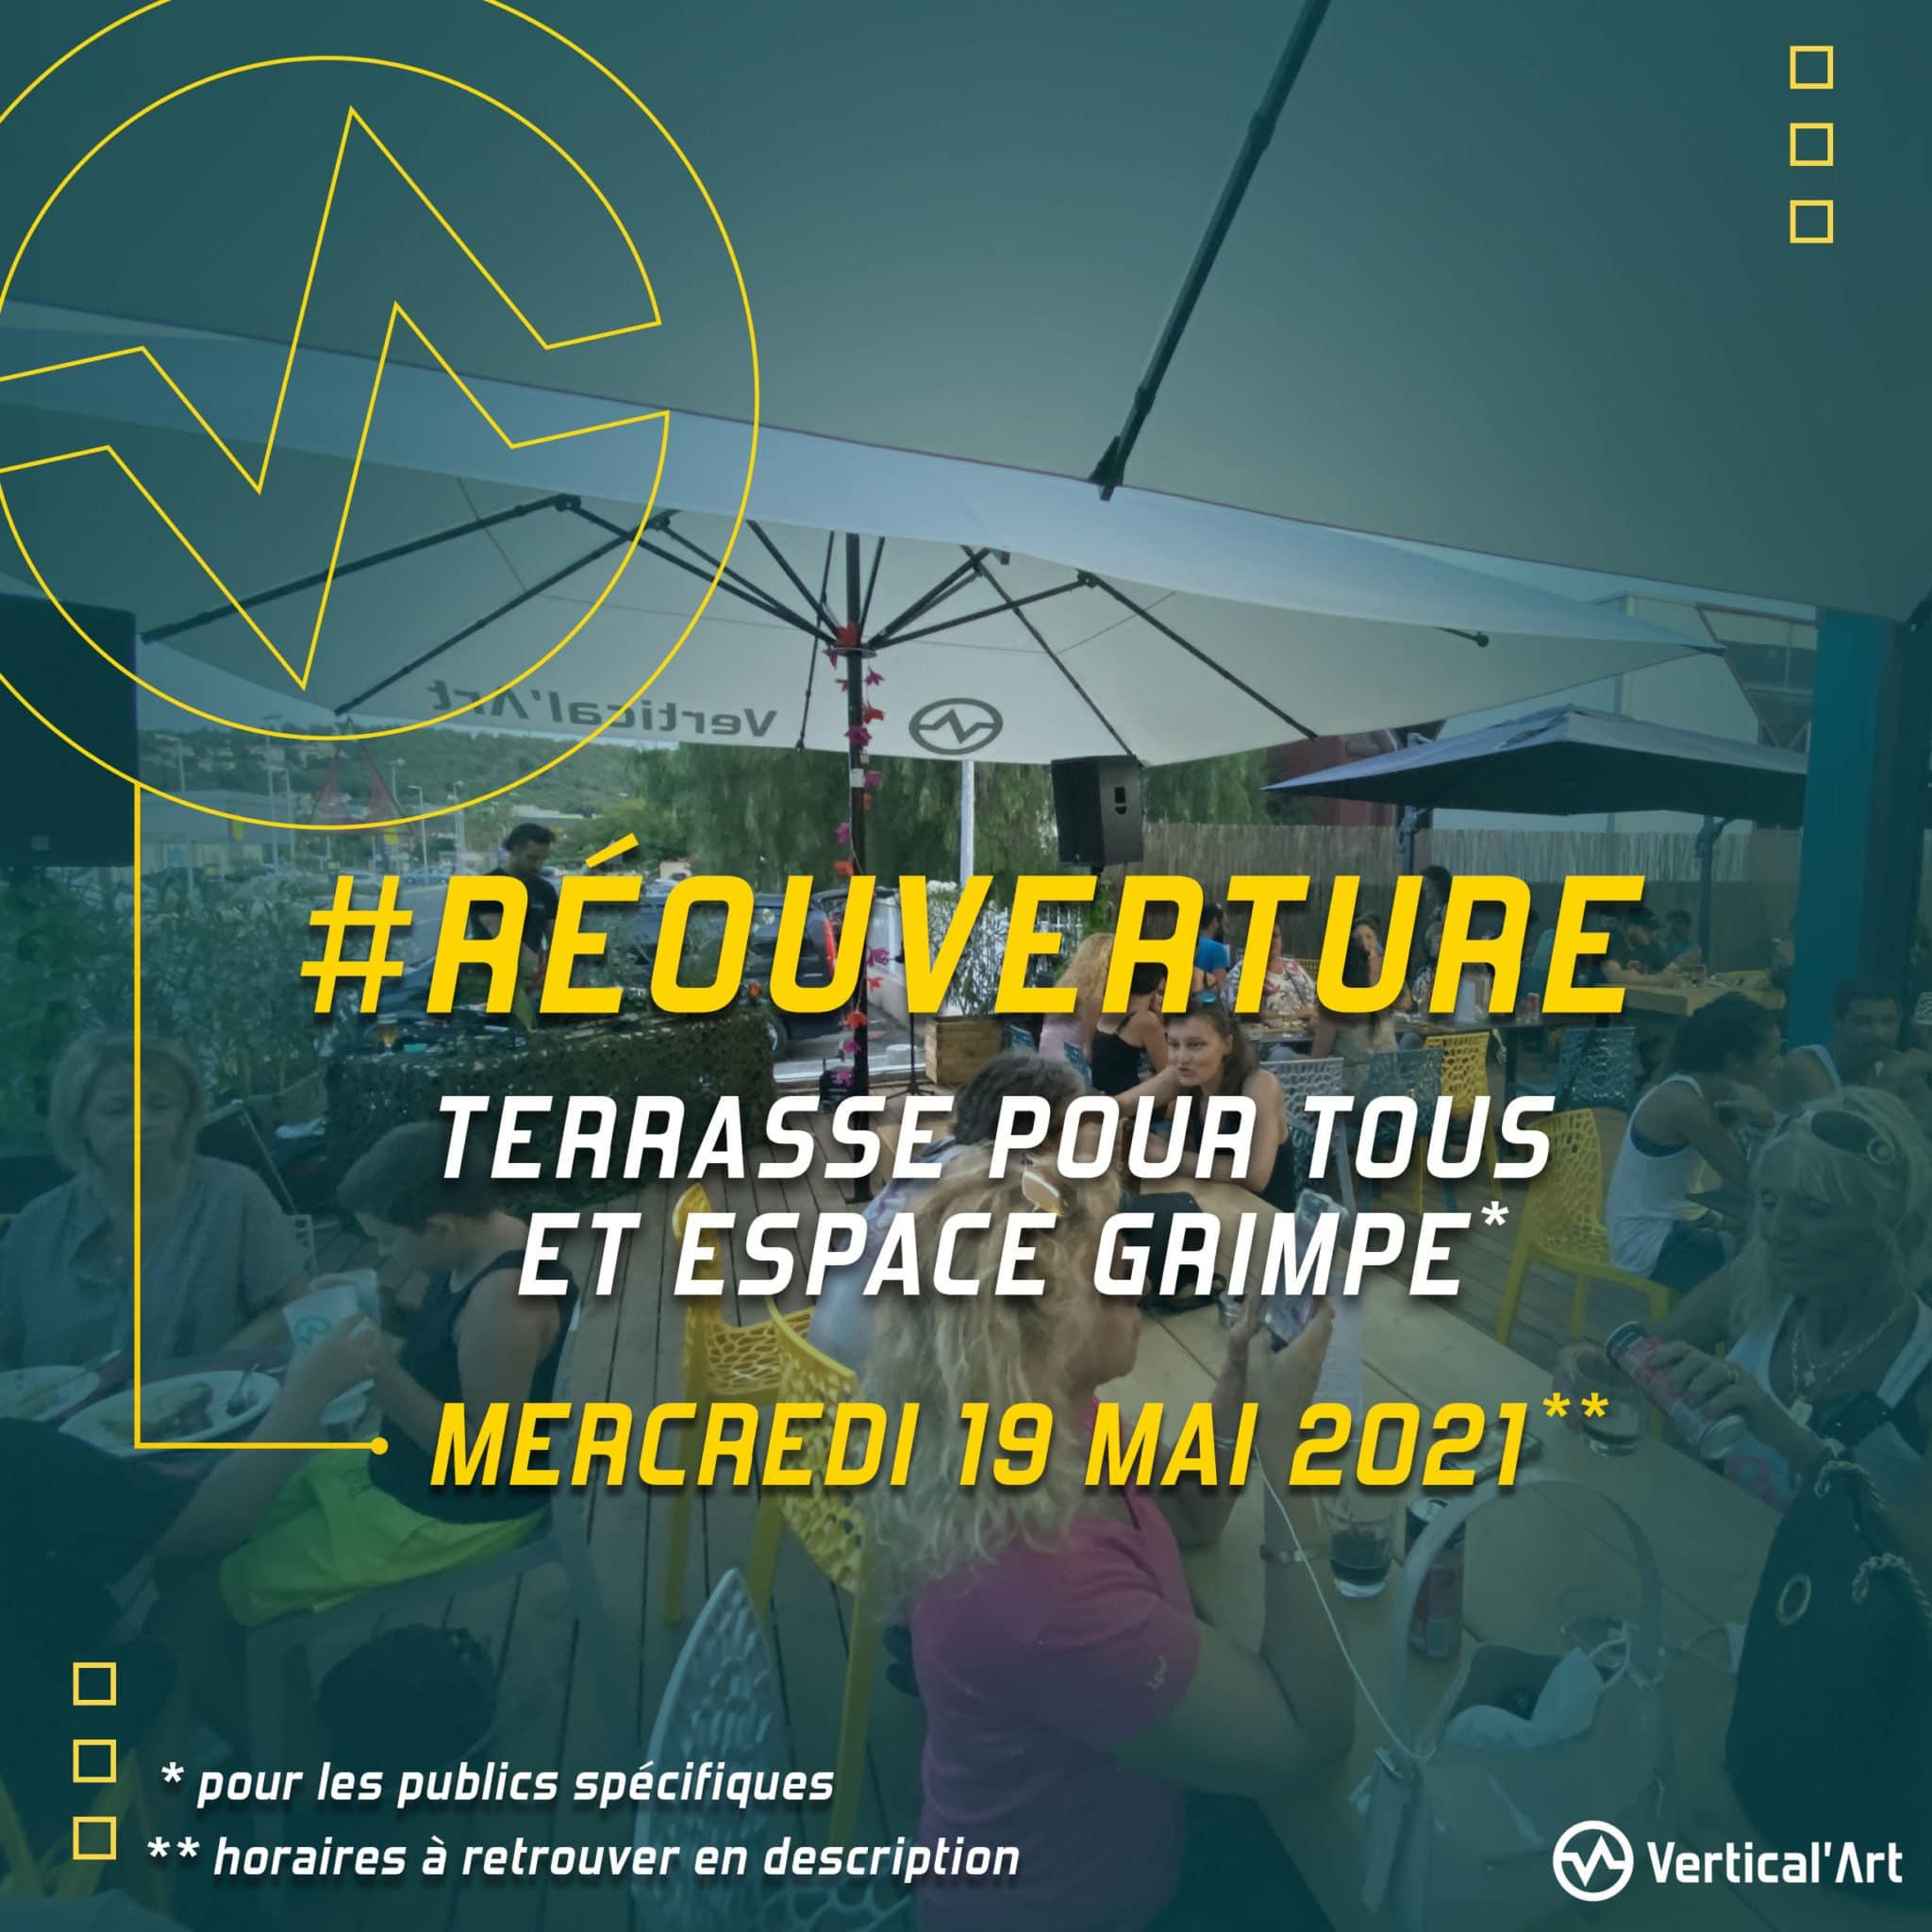 réouverture terrasse Vertical'Art Toulon et accès de l'espace grimpe ouvert aux publics spécifiques